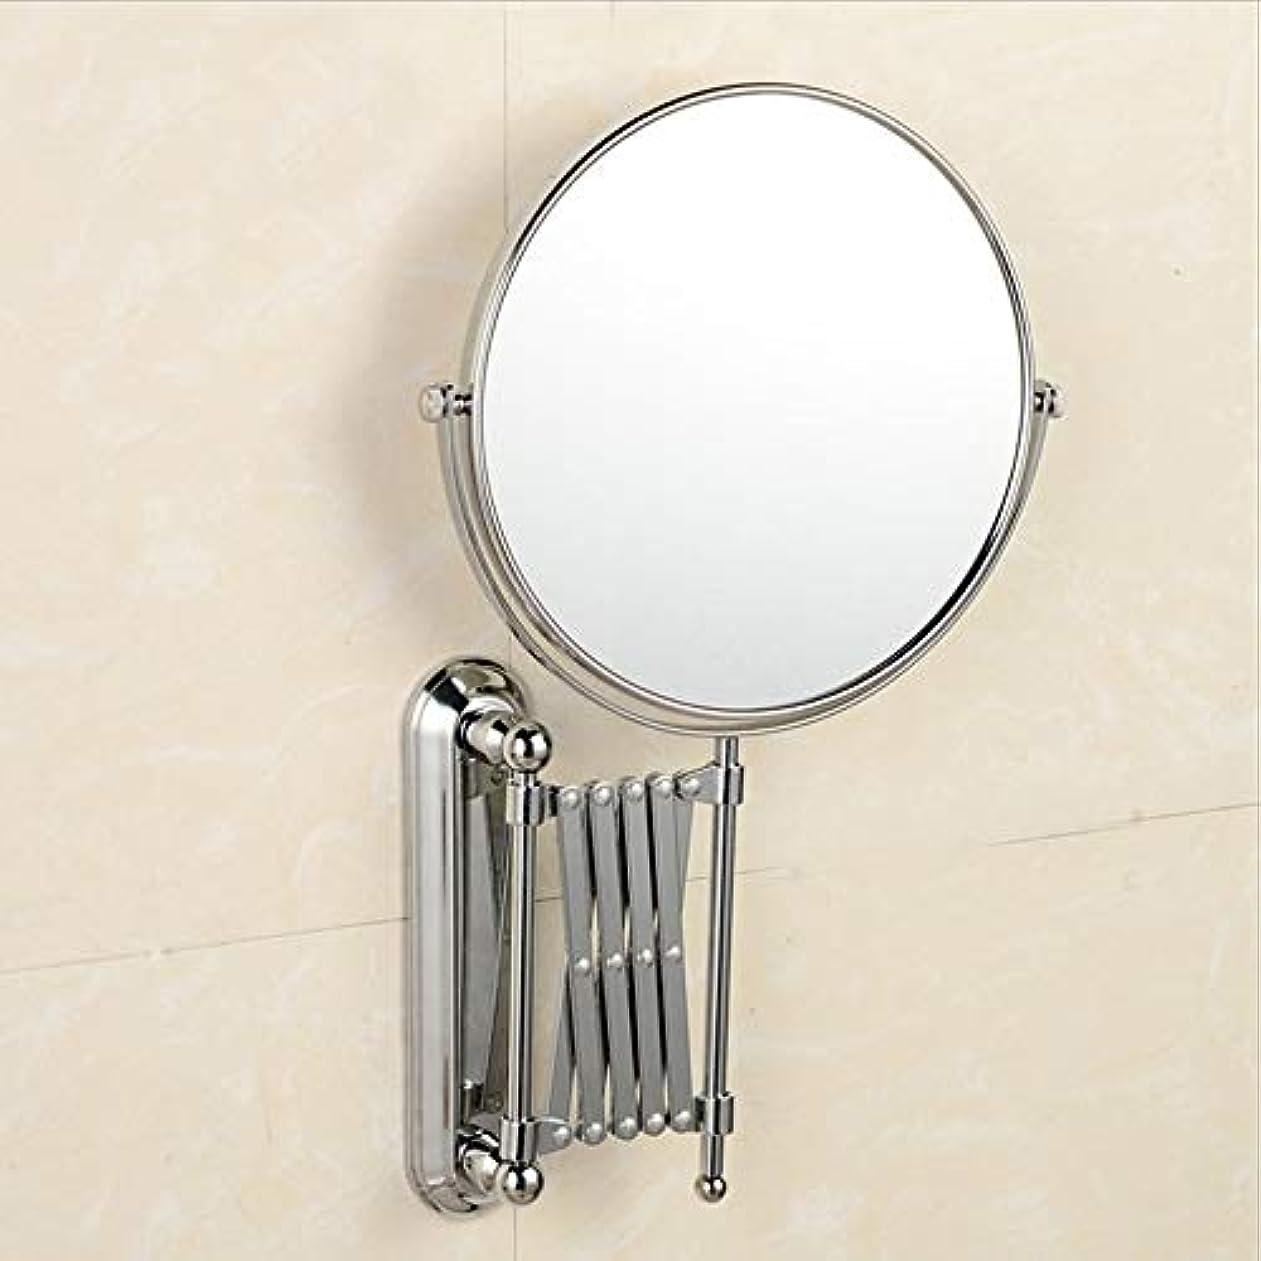 グレートバリアリーフ海嶺遠え流行の 両面美容化粧鏡折りたたみ美容鏡浴室美容化粧鏡ステンレス鋼6インチシルバー